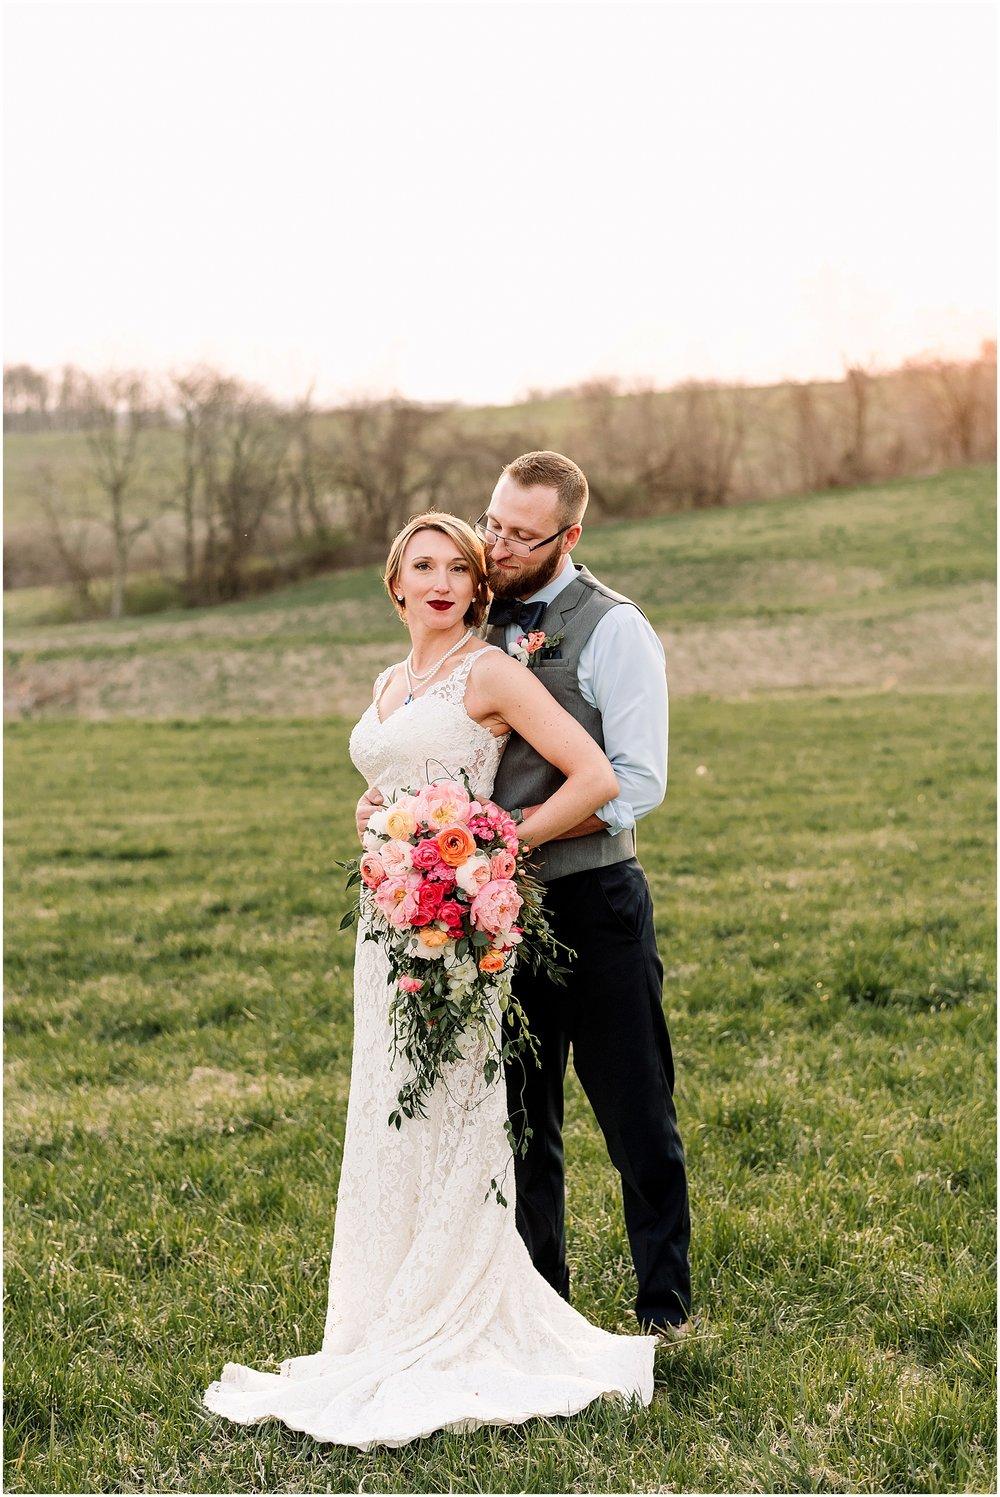 Hannah Leigh Photography Wyndridge Farm Wedding_7625.jpg